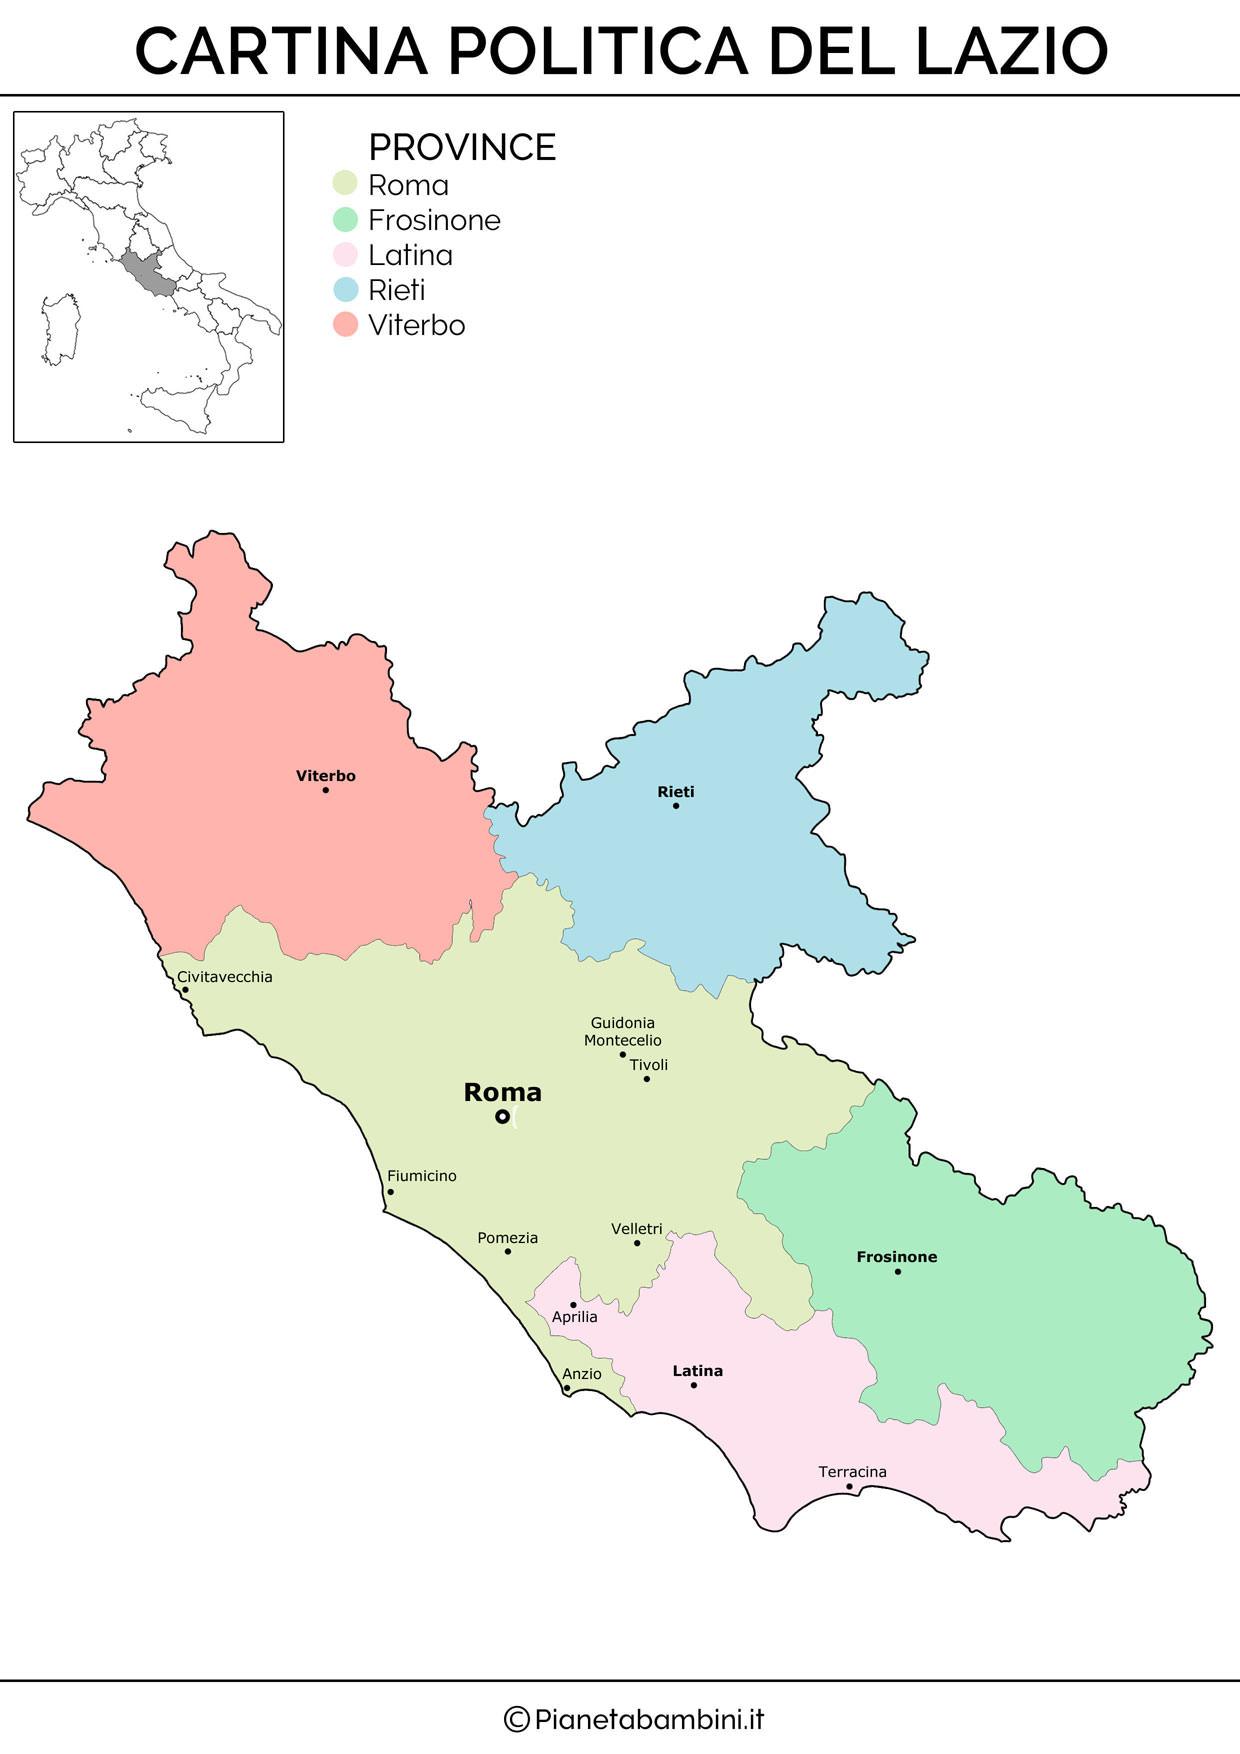 Cartina politica del Lazio da stampare gratis